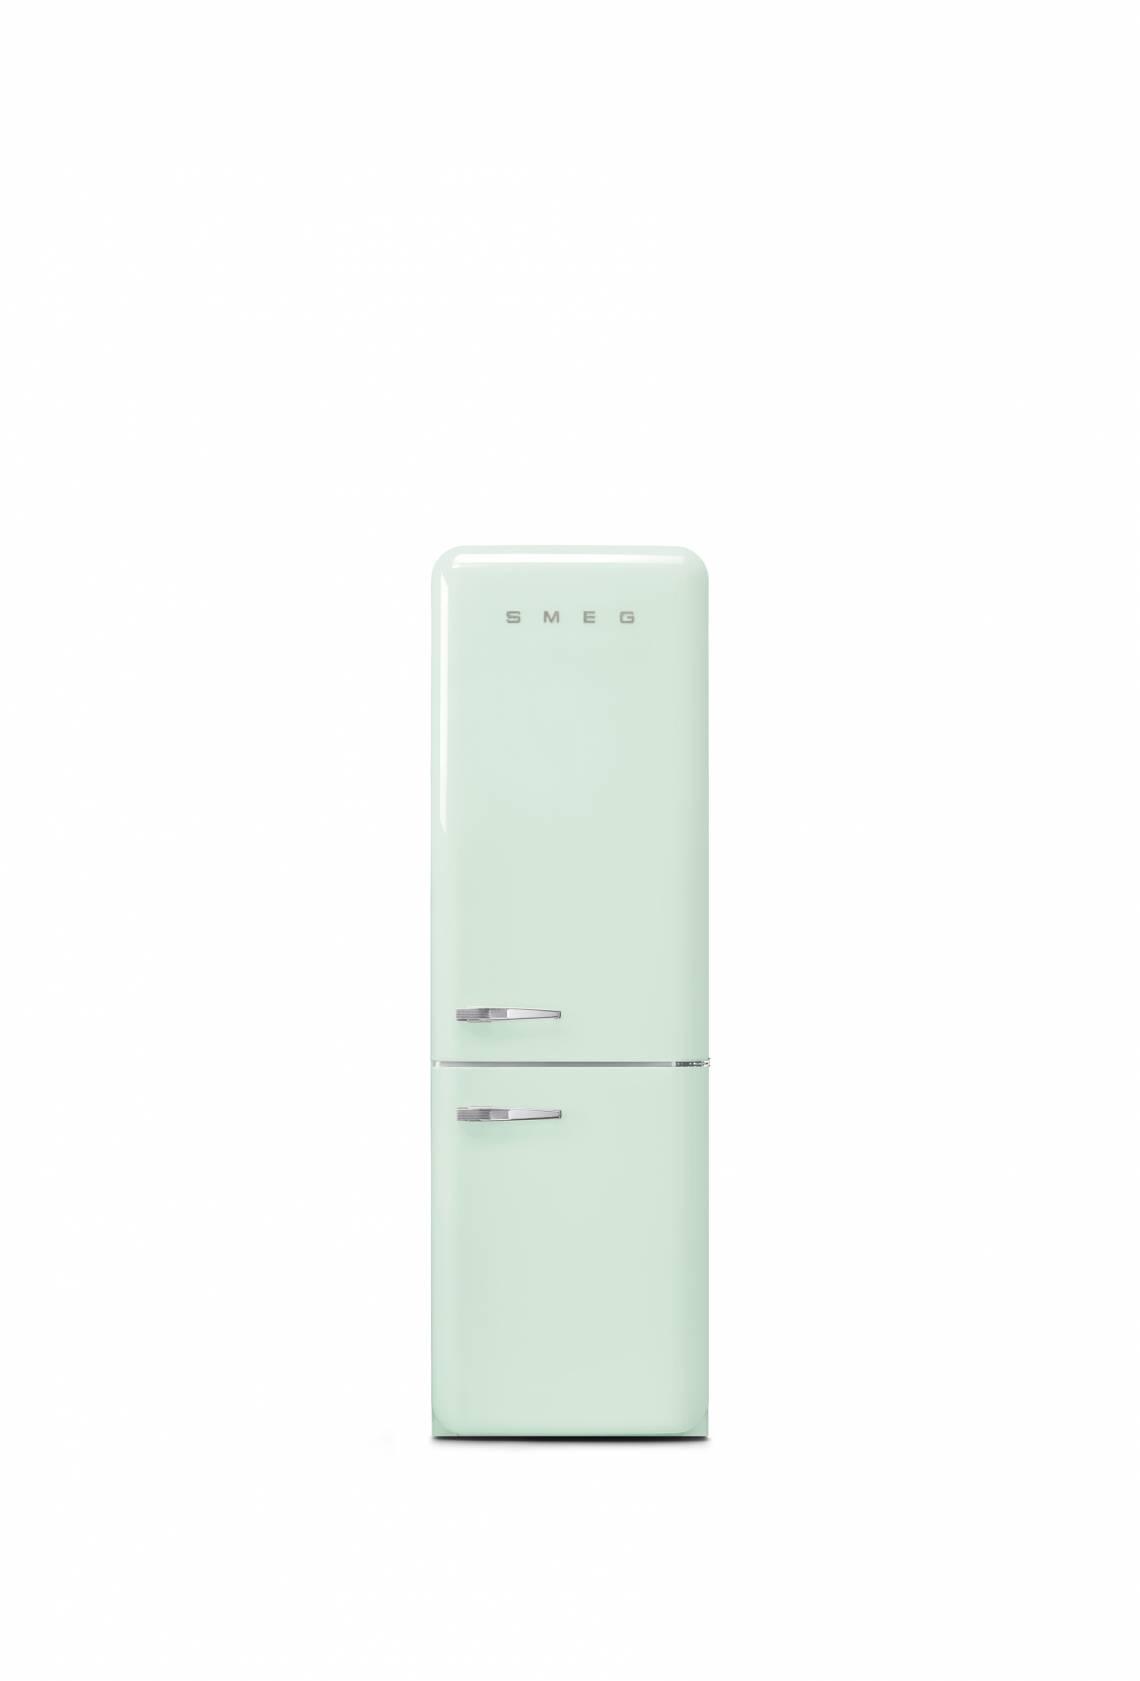 Smeg: Retro-Kühlschrank mit Gefrierteil FAB 32, pastellblau